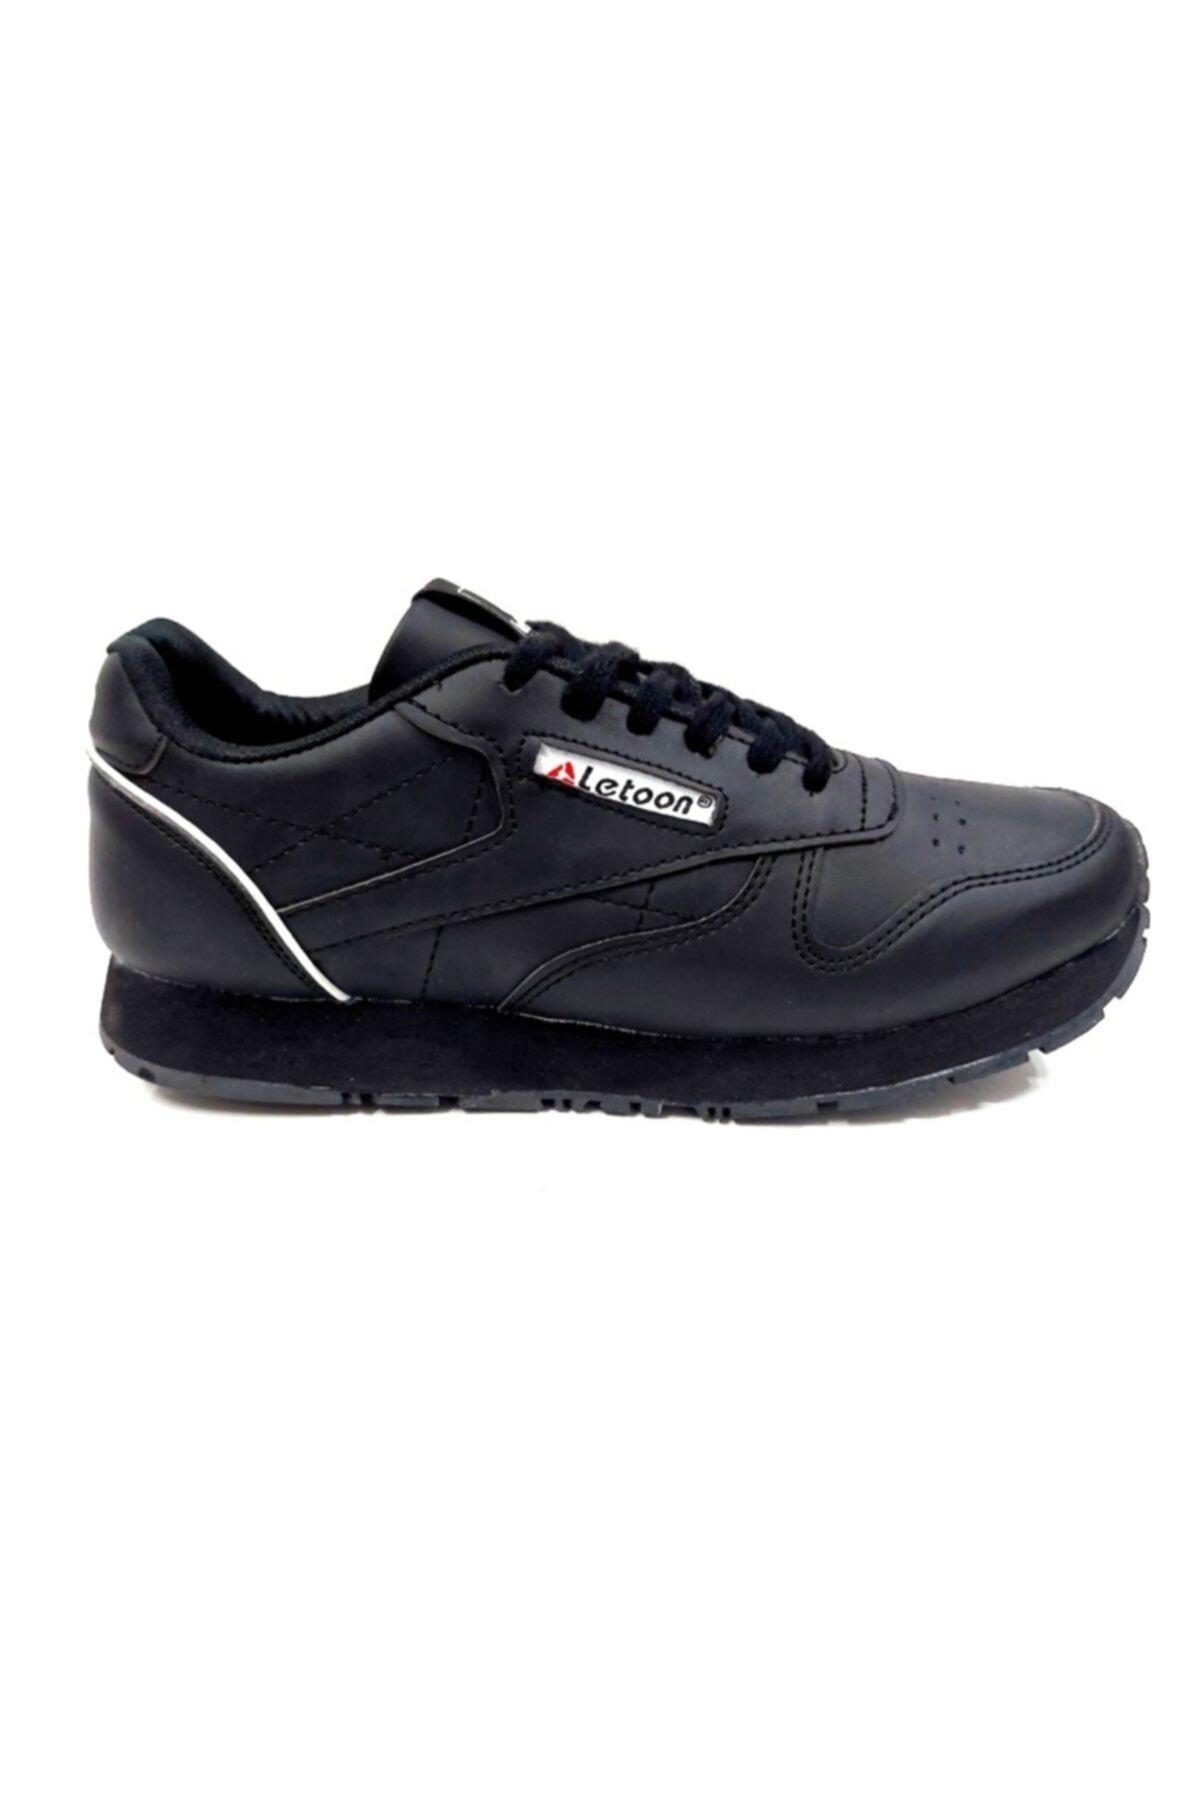 LETOON Erkek Siyah Comfort Spor Ayakkabı 1